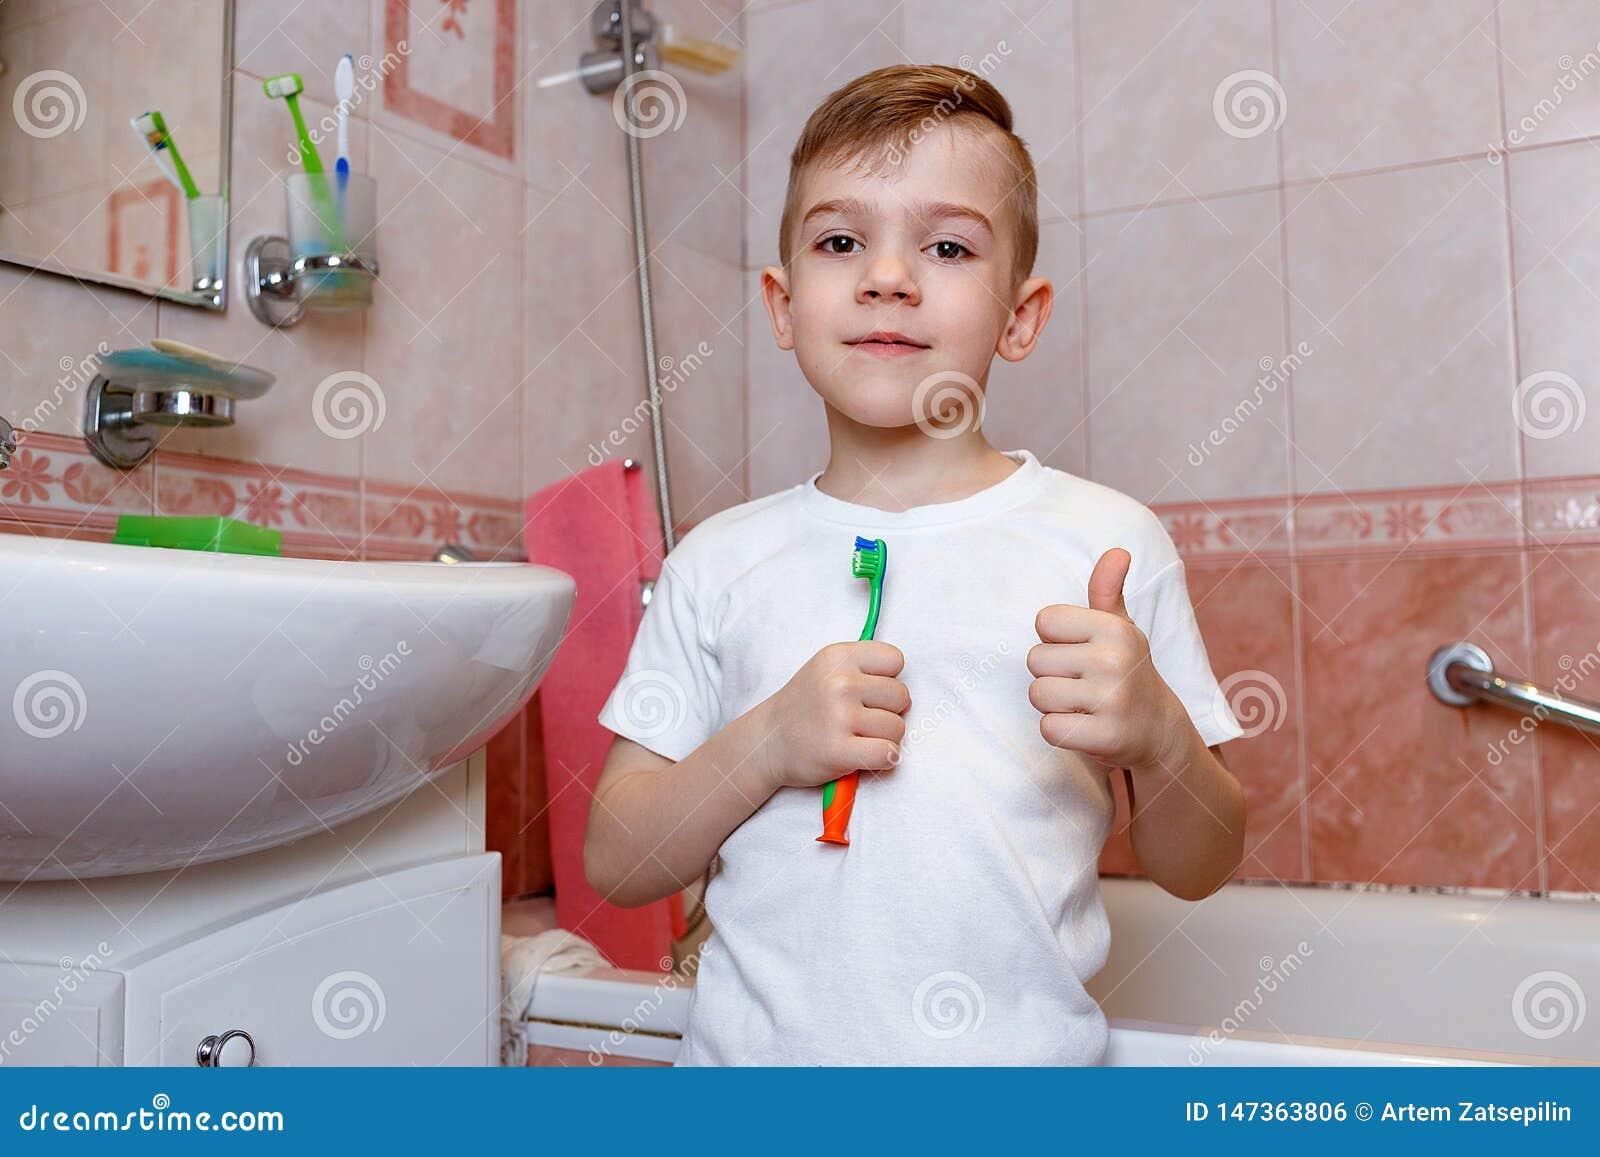 Χαμογελώντας αγόρι που στέκεται στο λουτρό με την οδοντόβουρτσά του και τον αντίχειρά του επάνω Οδοντική έννοια υγιεινής και υγει